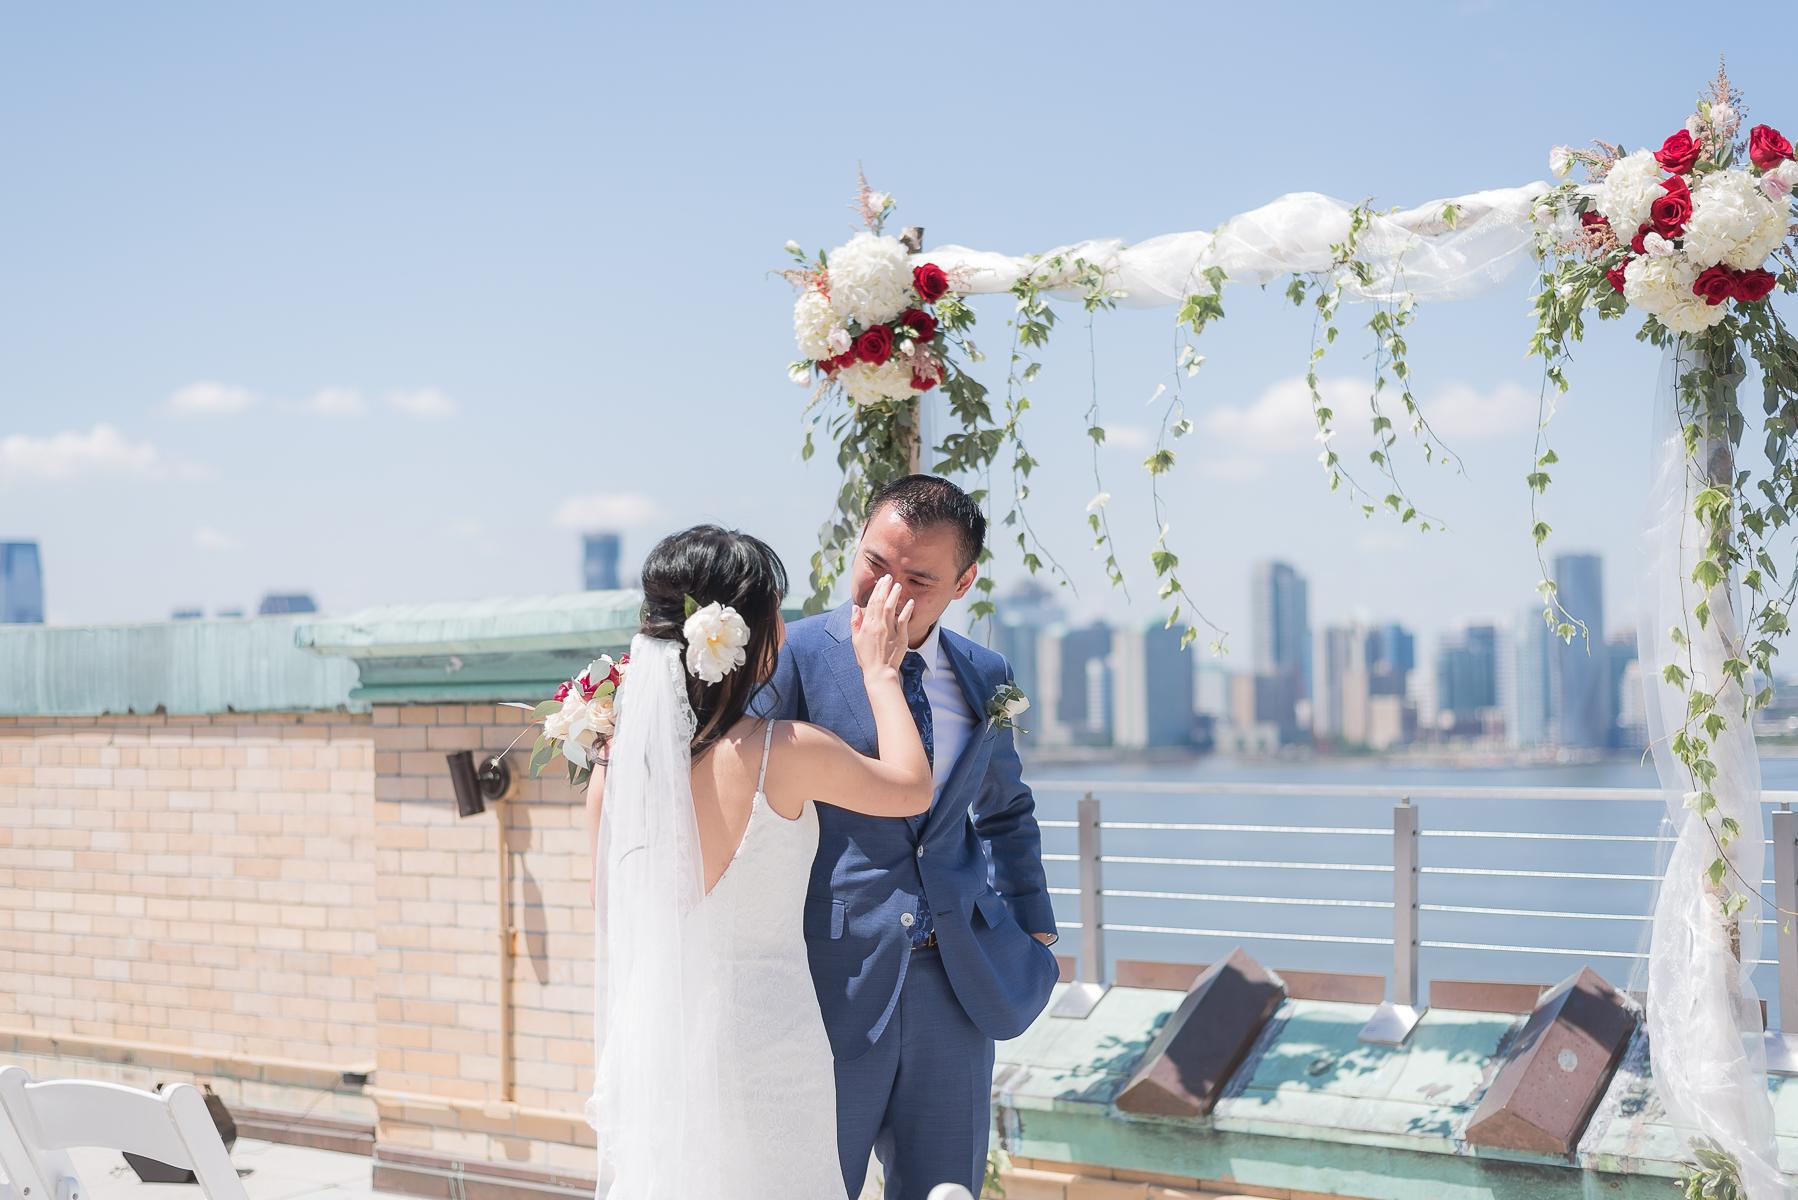 NYC-Ramscale-Wedding-Bride-Groom-First-Look-Tears.jpg